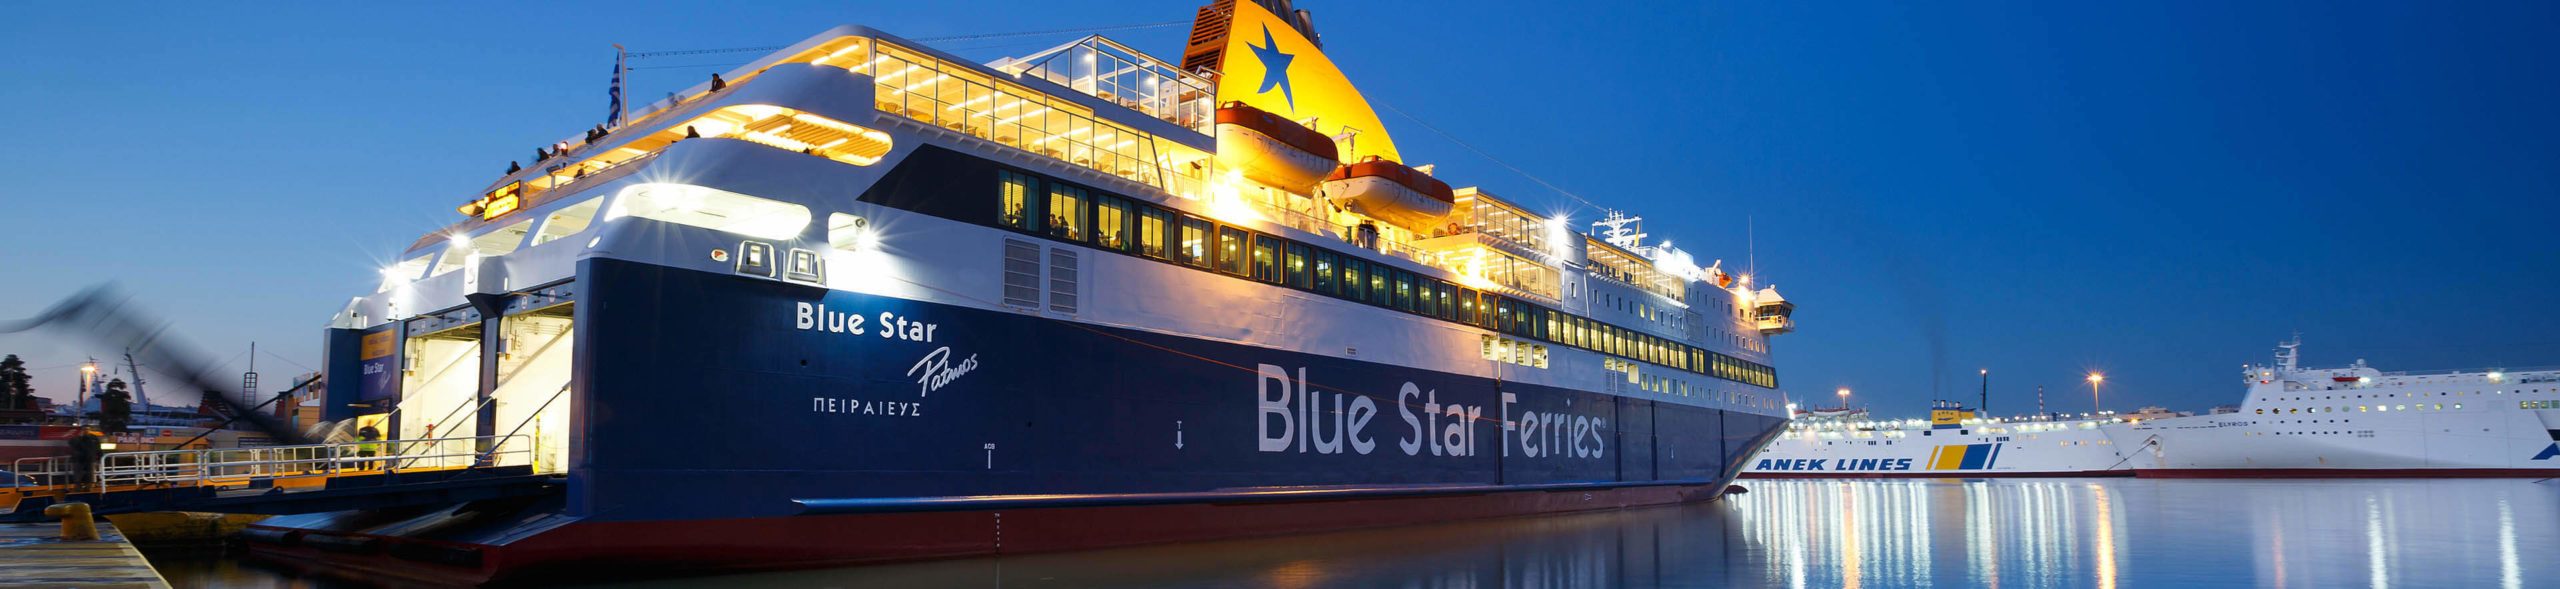 διπλό εισιτήριο από Κάρπαθο -Αθηνά δωρεά από την Blue Star Ferries.